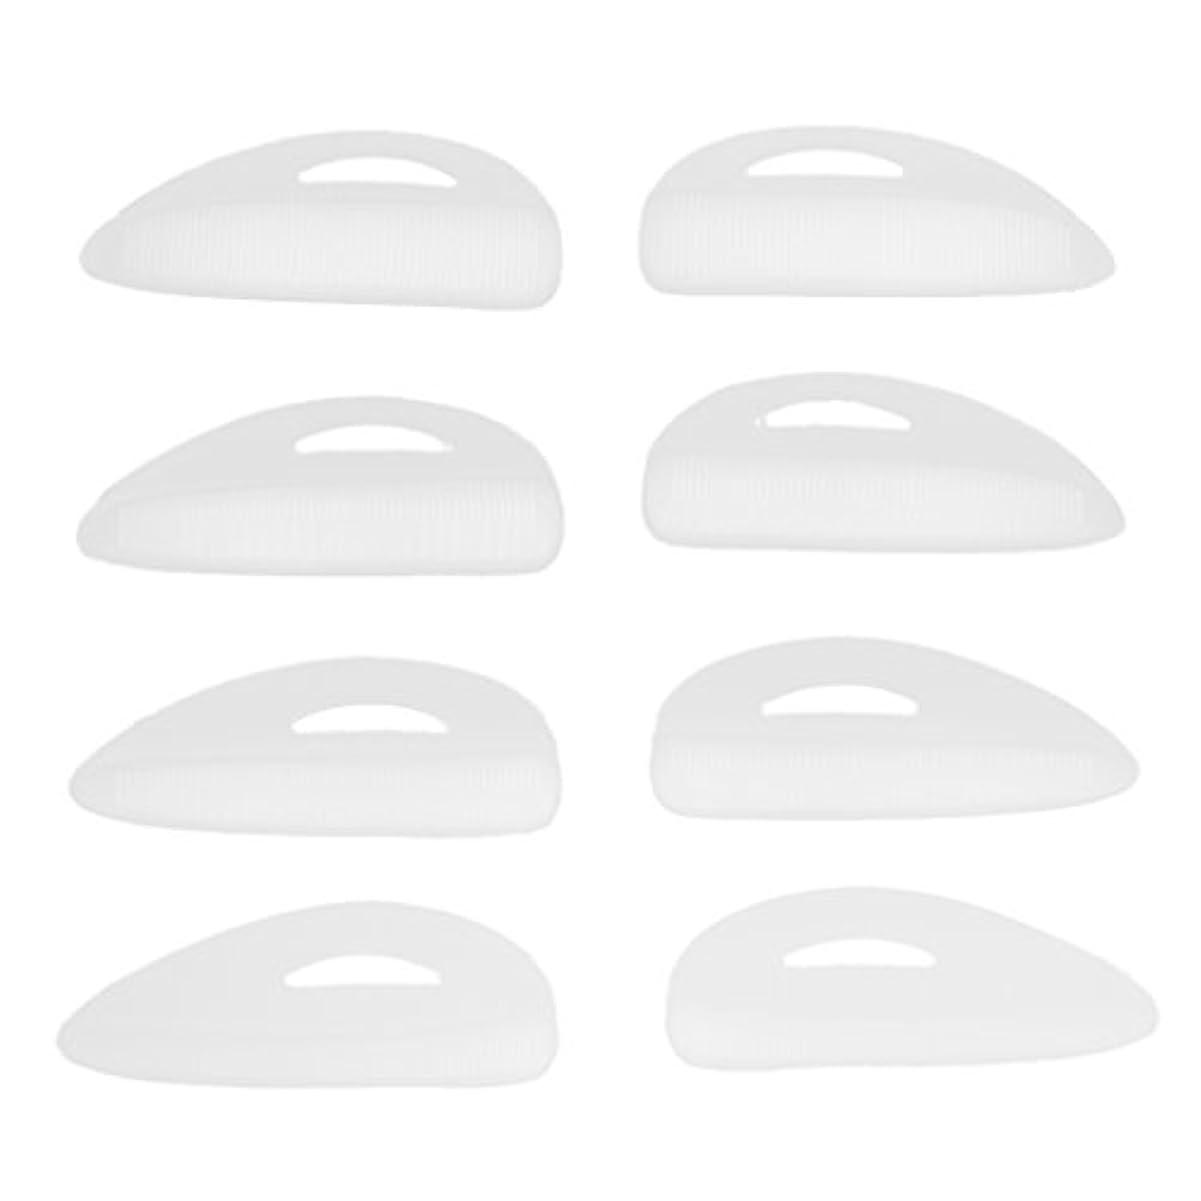 メンバーフルート被害者Fenteer 4ペア つけまつげパッド アイラッシュ まつげ カーラーパッド 再利用可 シリコン エクステンションシールド 化粧ツール